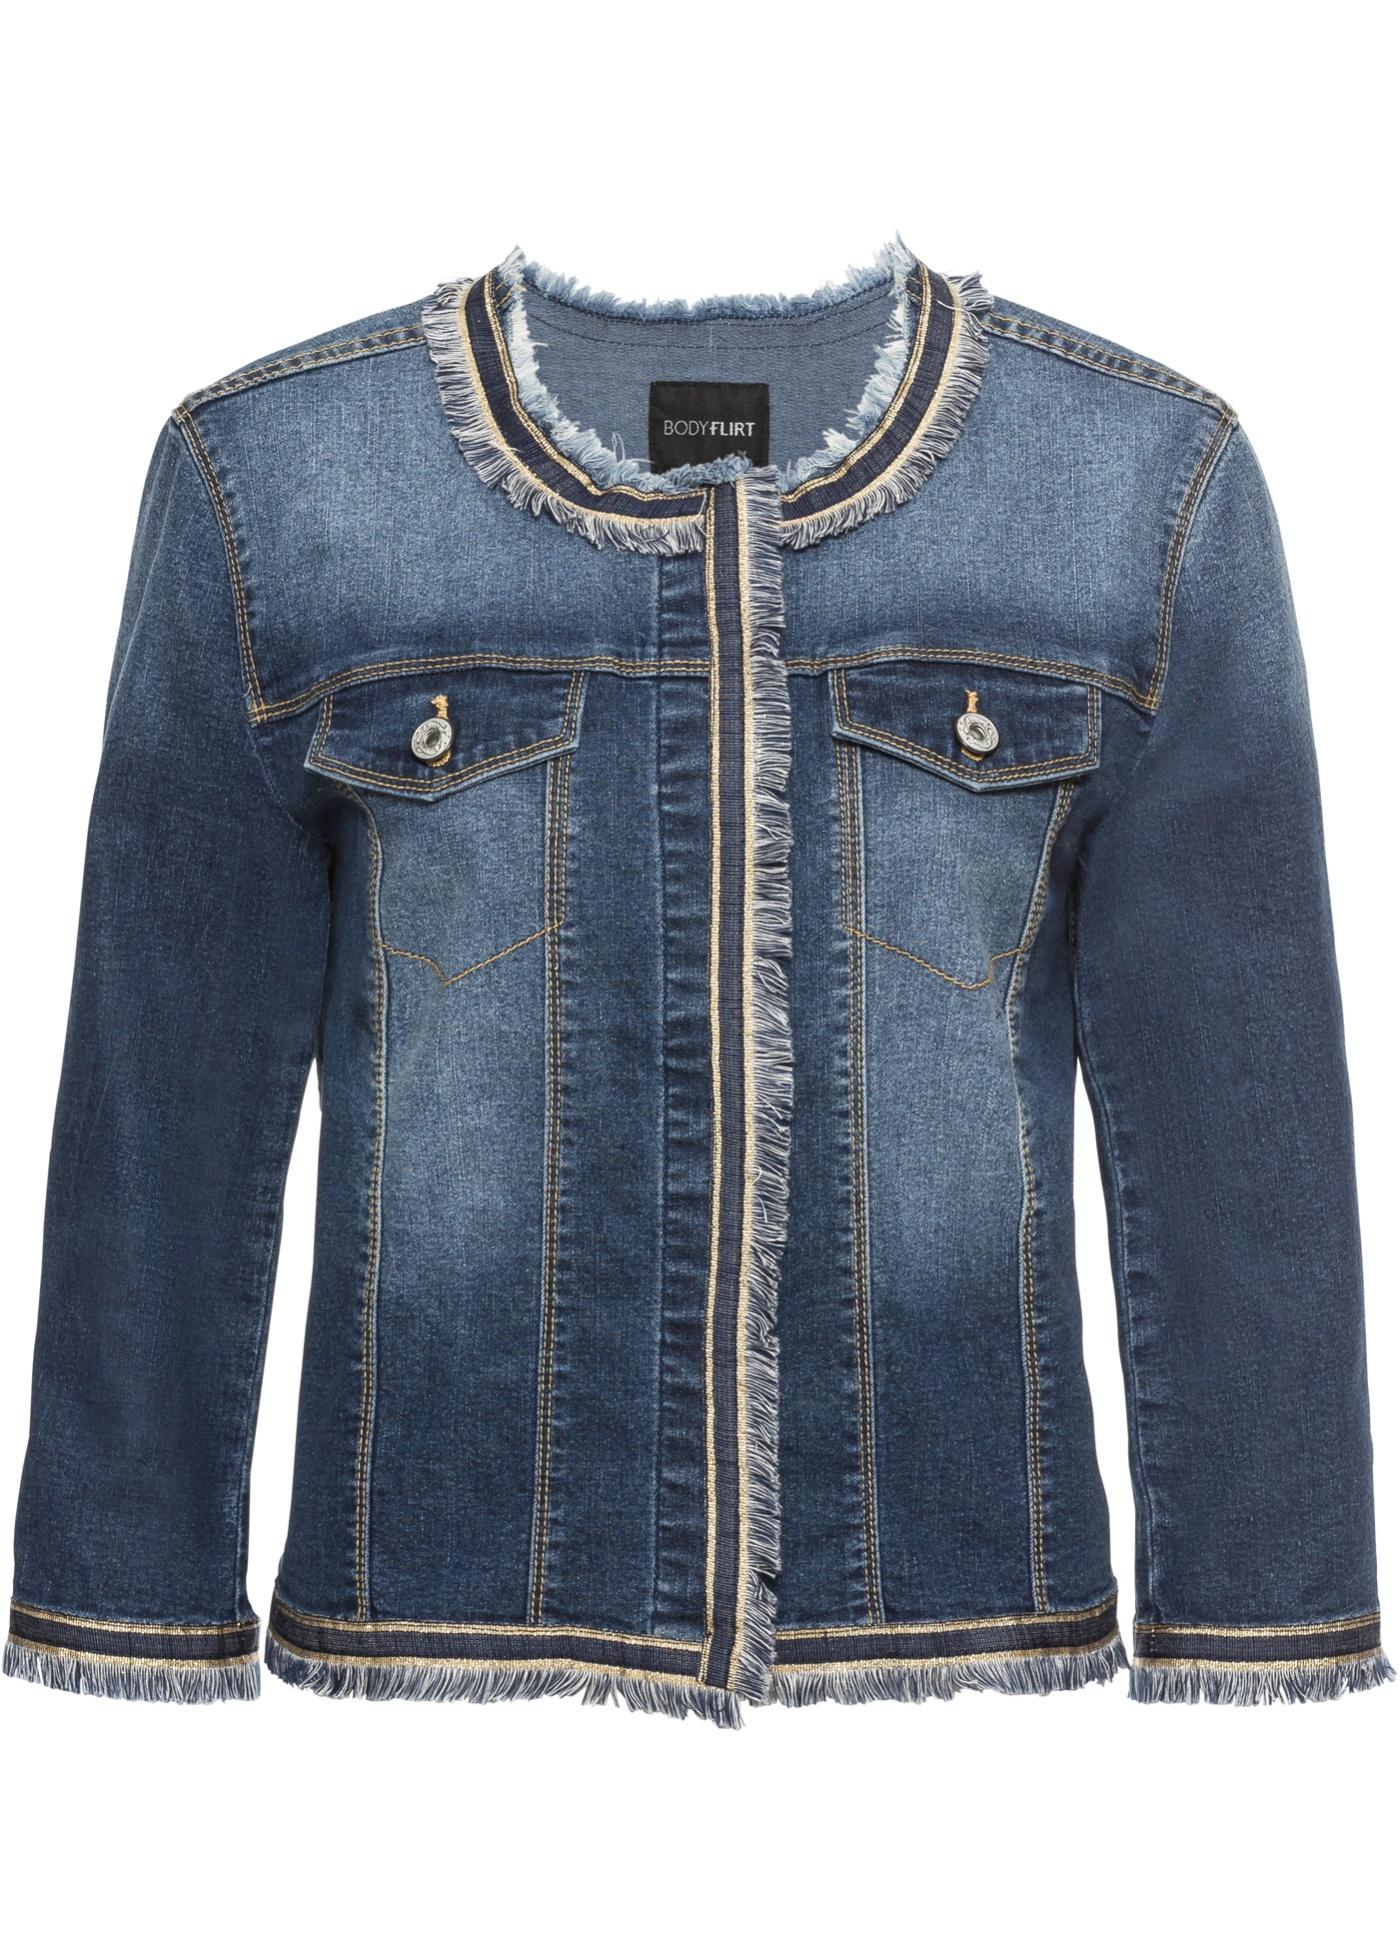 Džínová bunda s třásněmi - Modrá